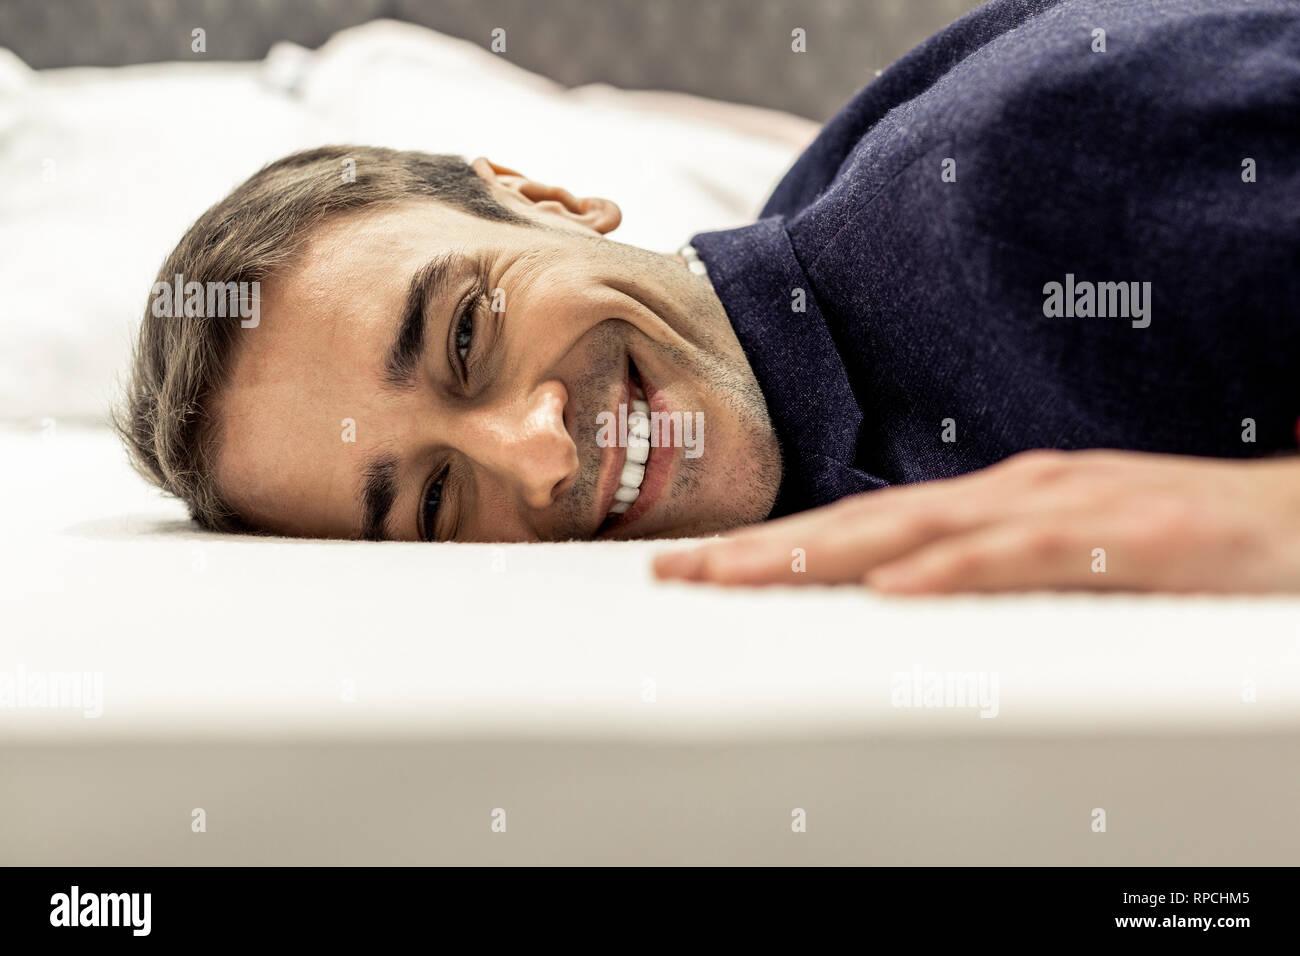 Ritratto di sorridente viso maschile giacente sul letto bianco fogli Immagini Stock